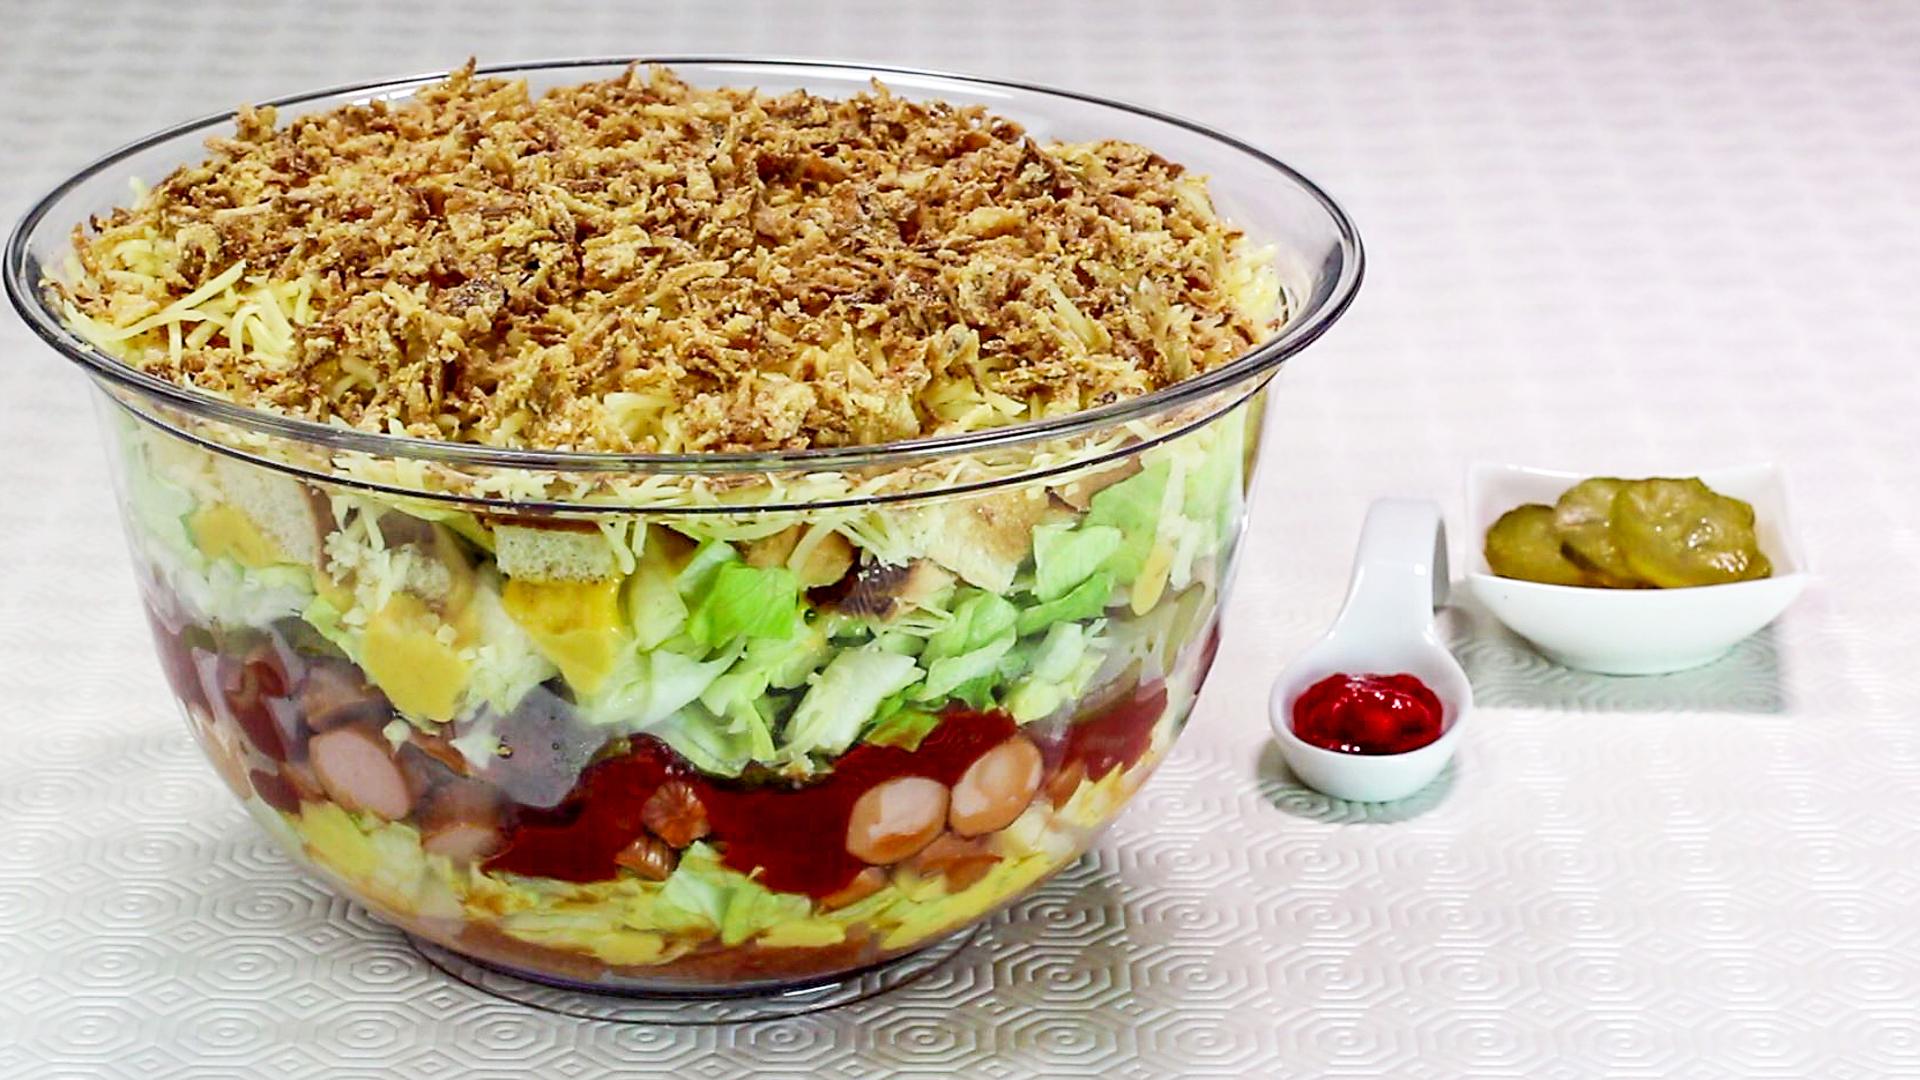 Erfreut Küche Tv Show Rezepte Fotos - Küche Set Ideen ...